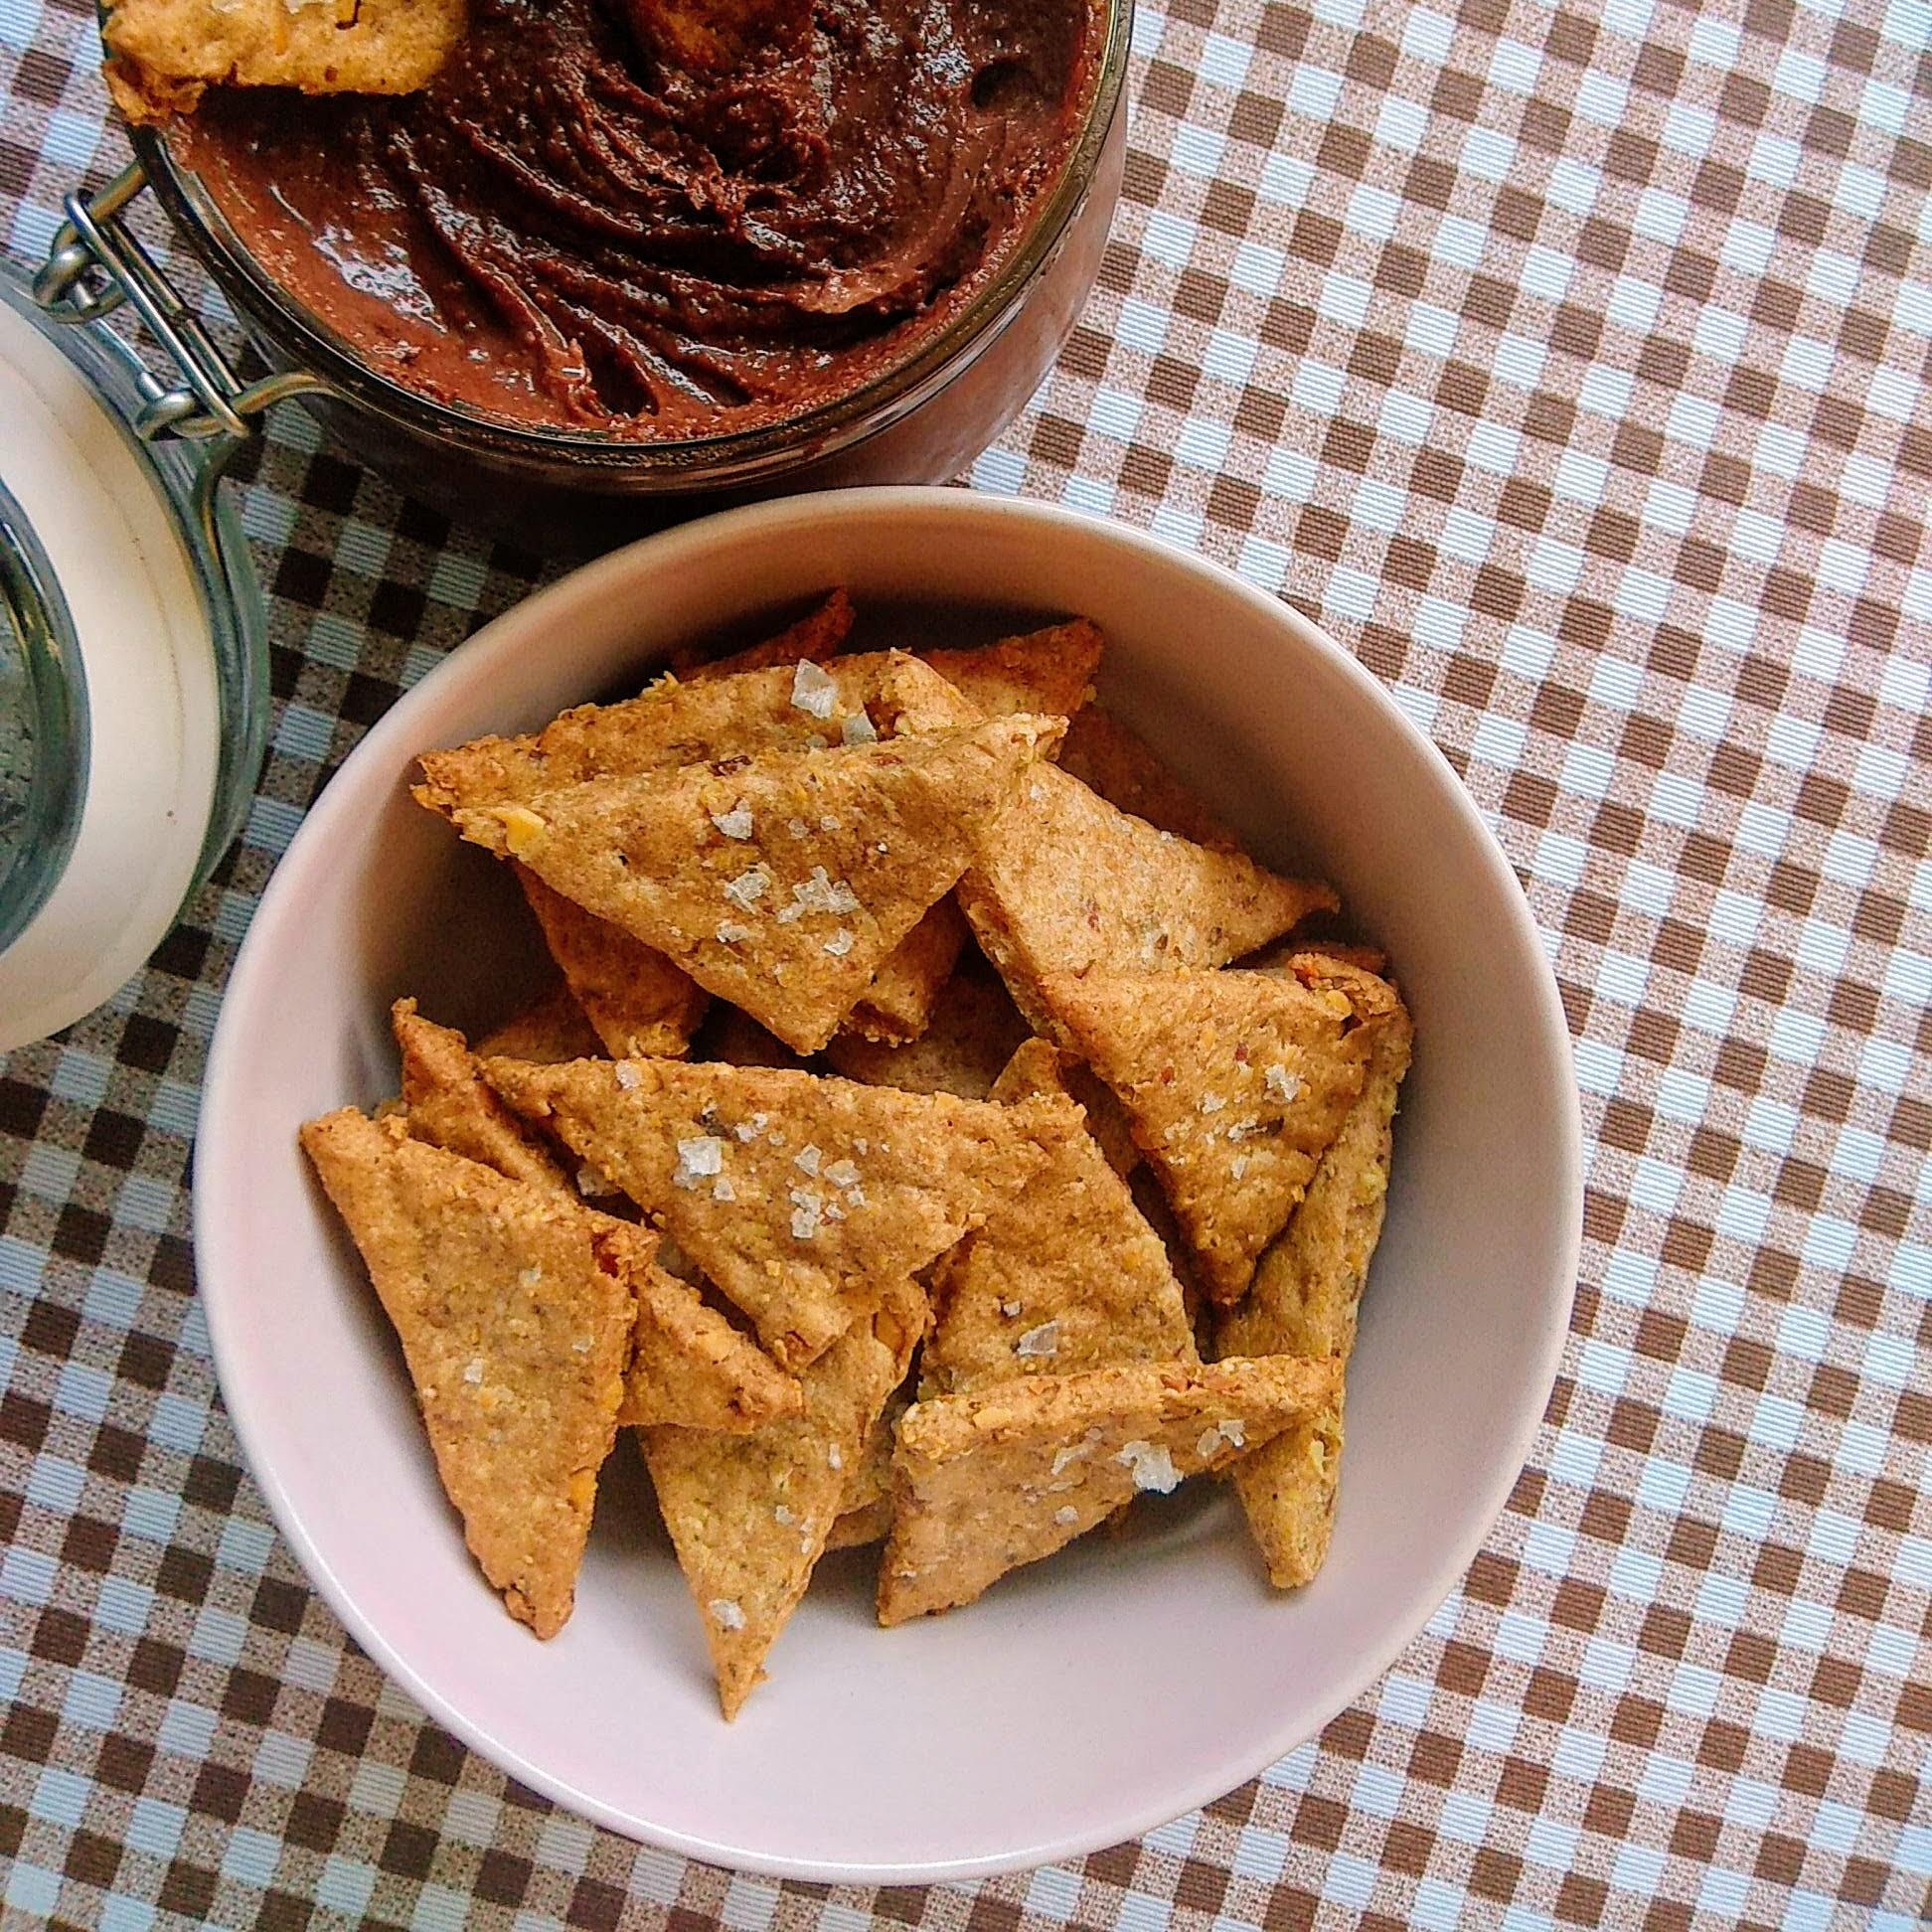 Receta fácil de Crackers de espelta saludables. Descúbrela en: www.cocinanconlola.com